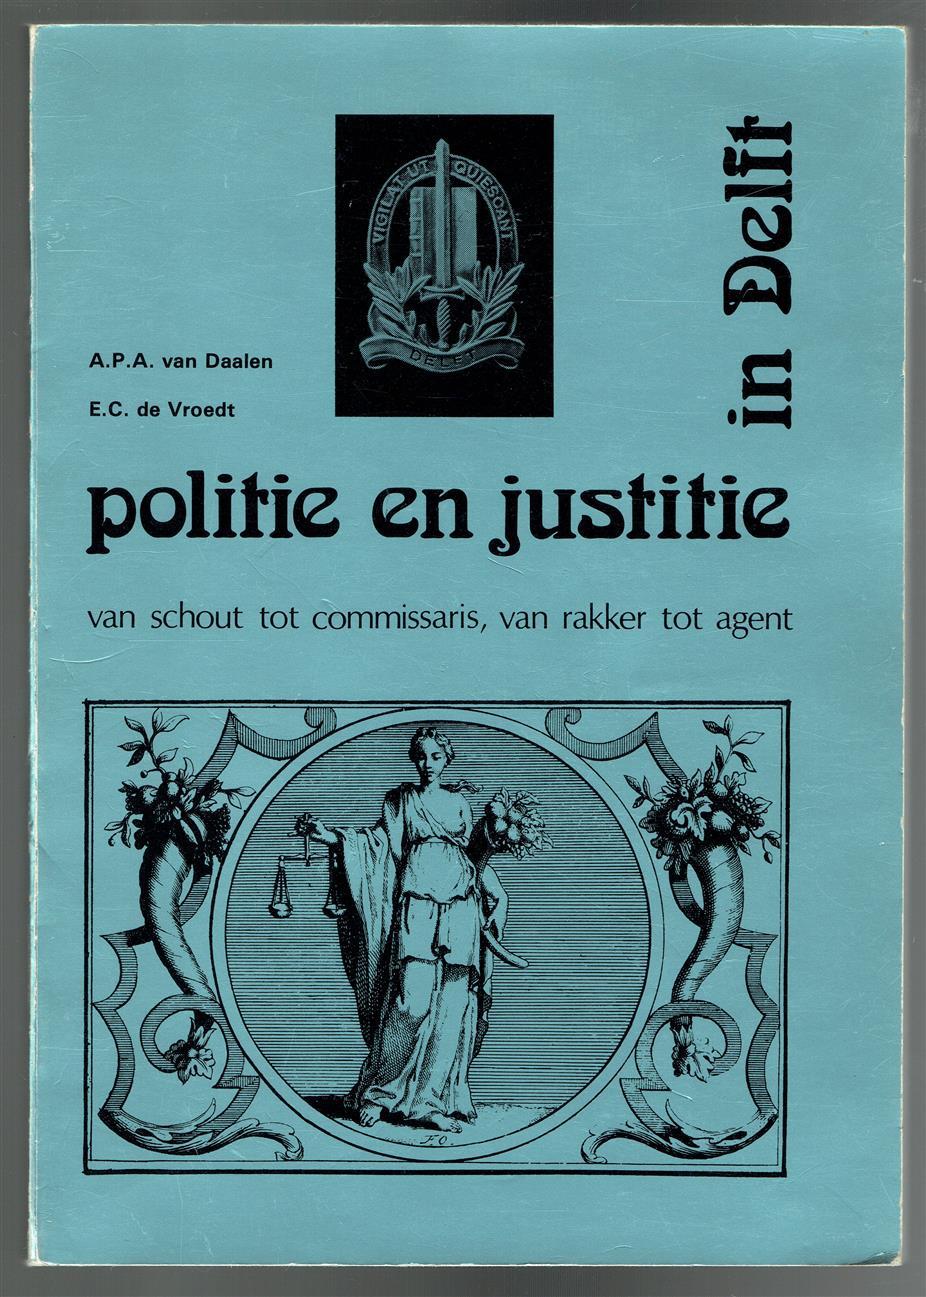 Politie en justitie in Delft